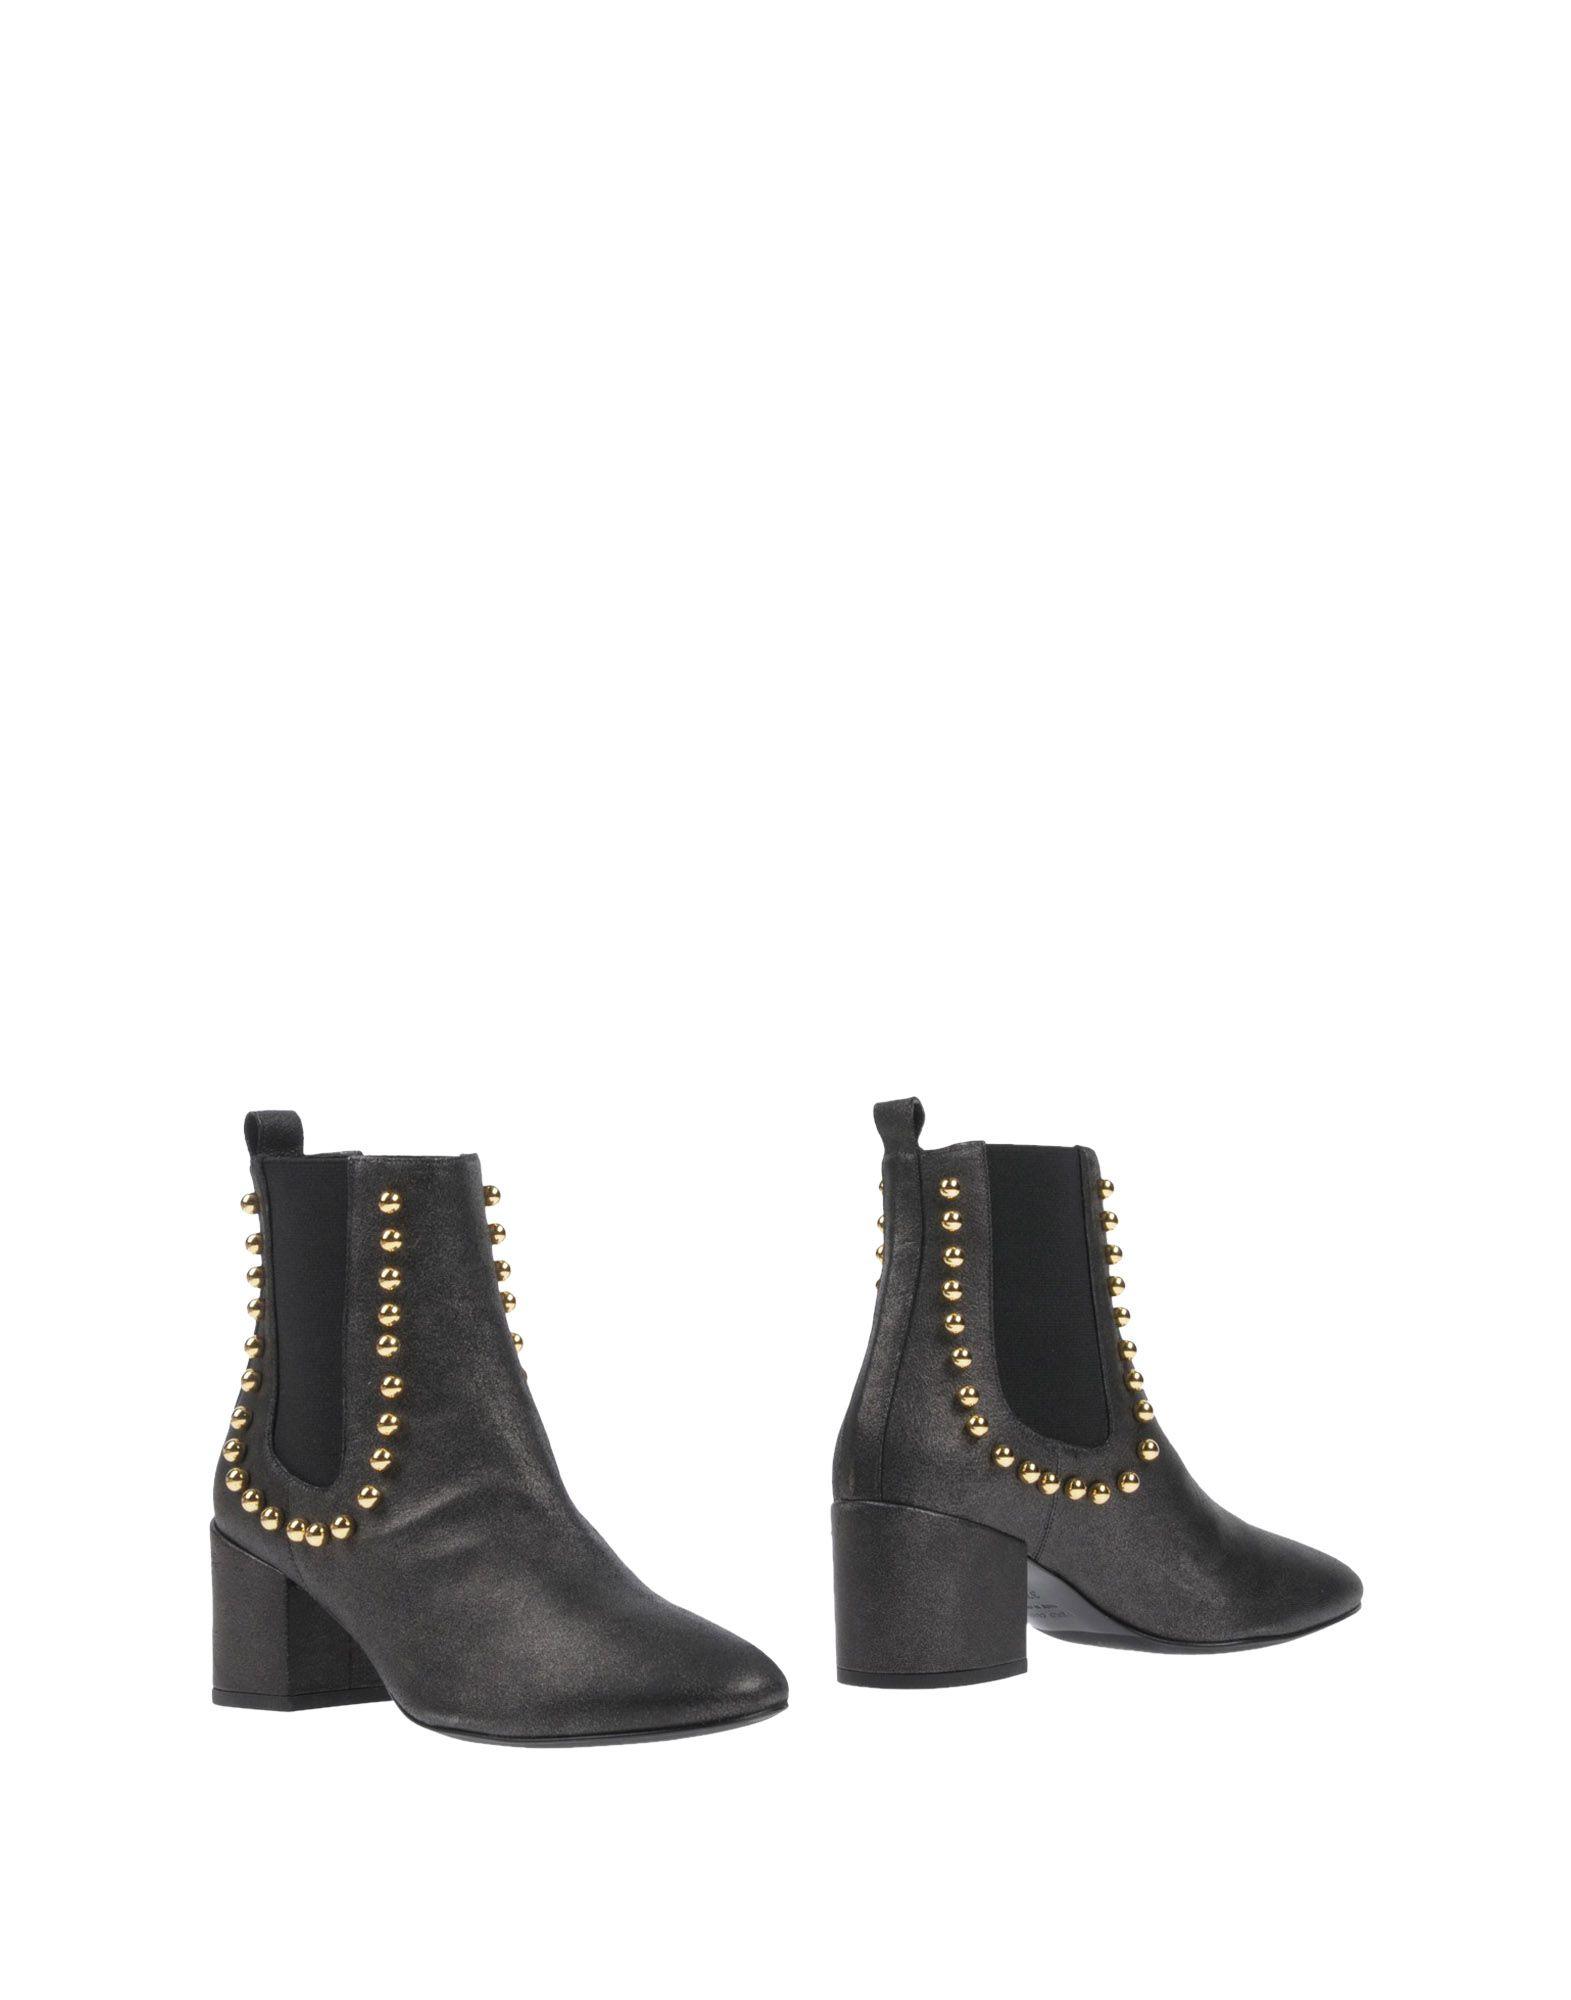 Stilvolle billige Schuhe  18 Kt Stiefelette Damen  Schuhe 11455177BT 6f63cd